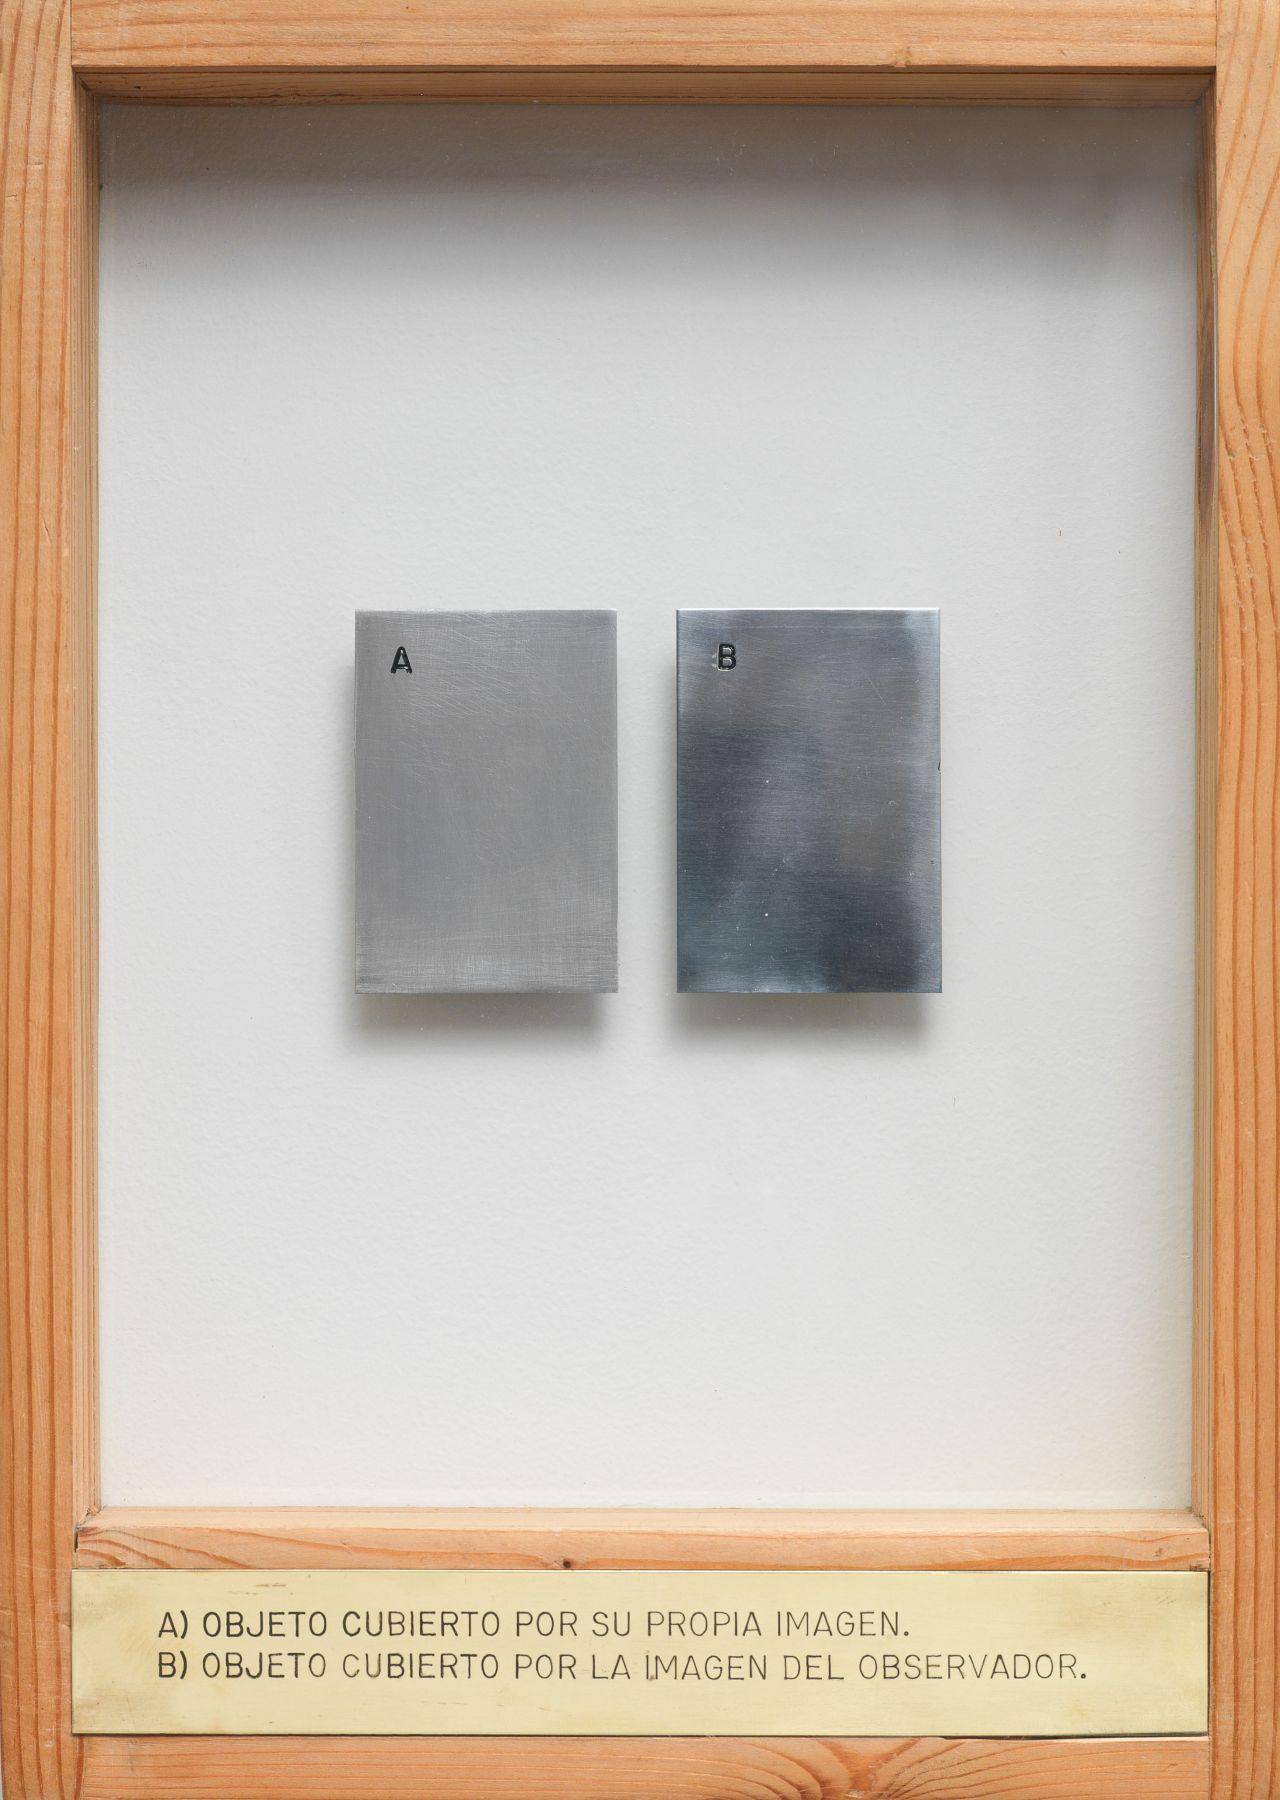 A) Objeto Cubierto Por Su Propia Imagen. B) Objeto Cubierto Por La Imagen Del Observador., 1971-1974, Mixed media